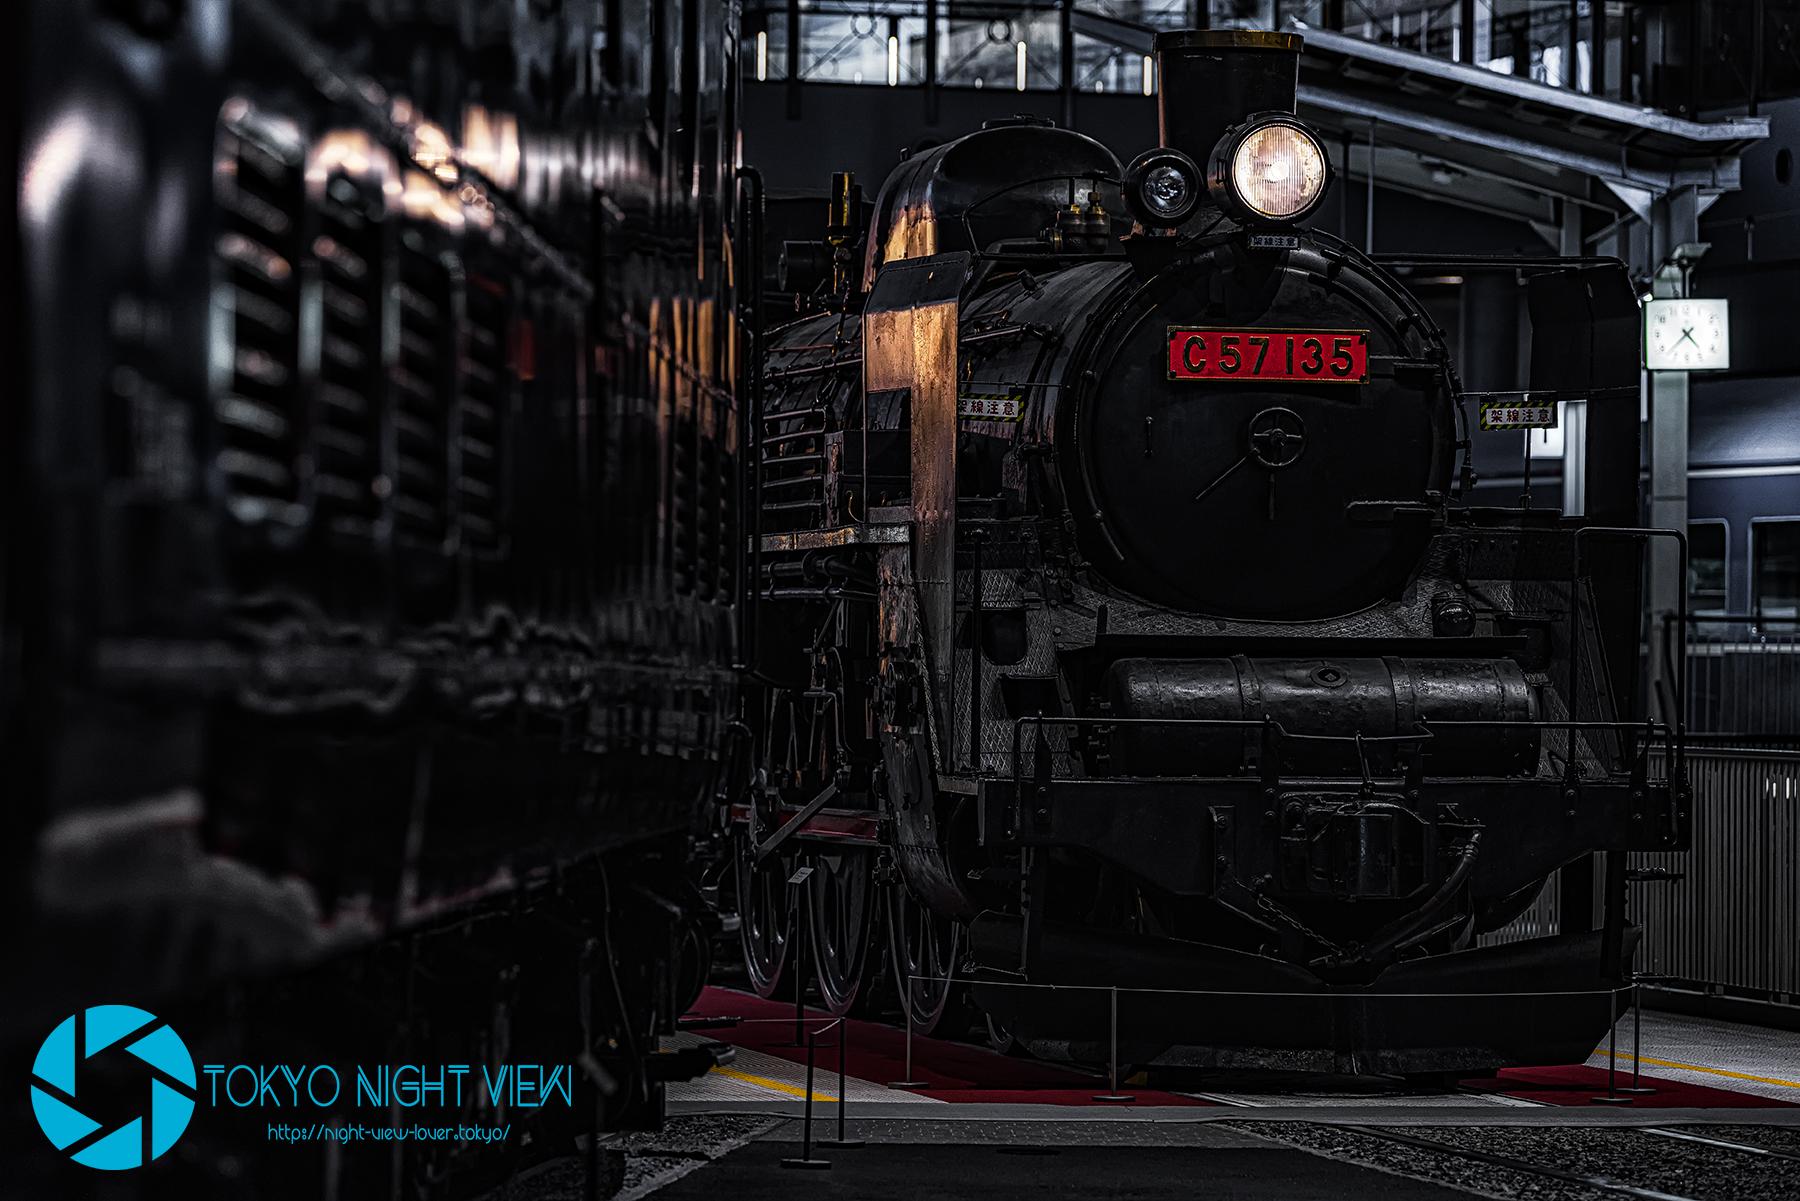 鉄道博物館 C57 135